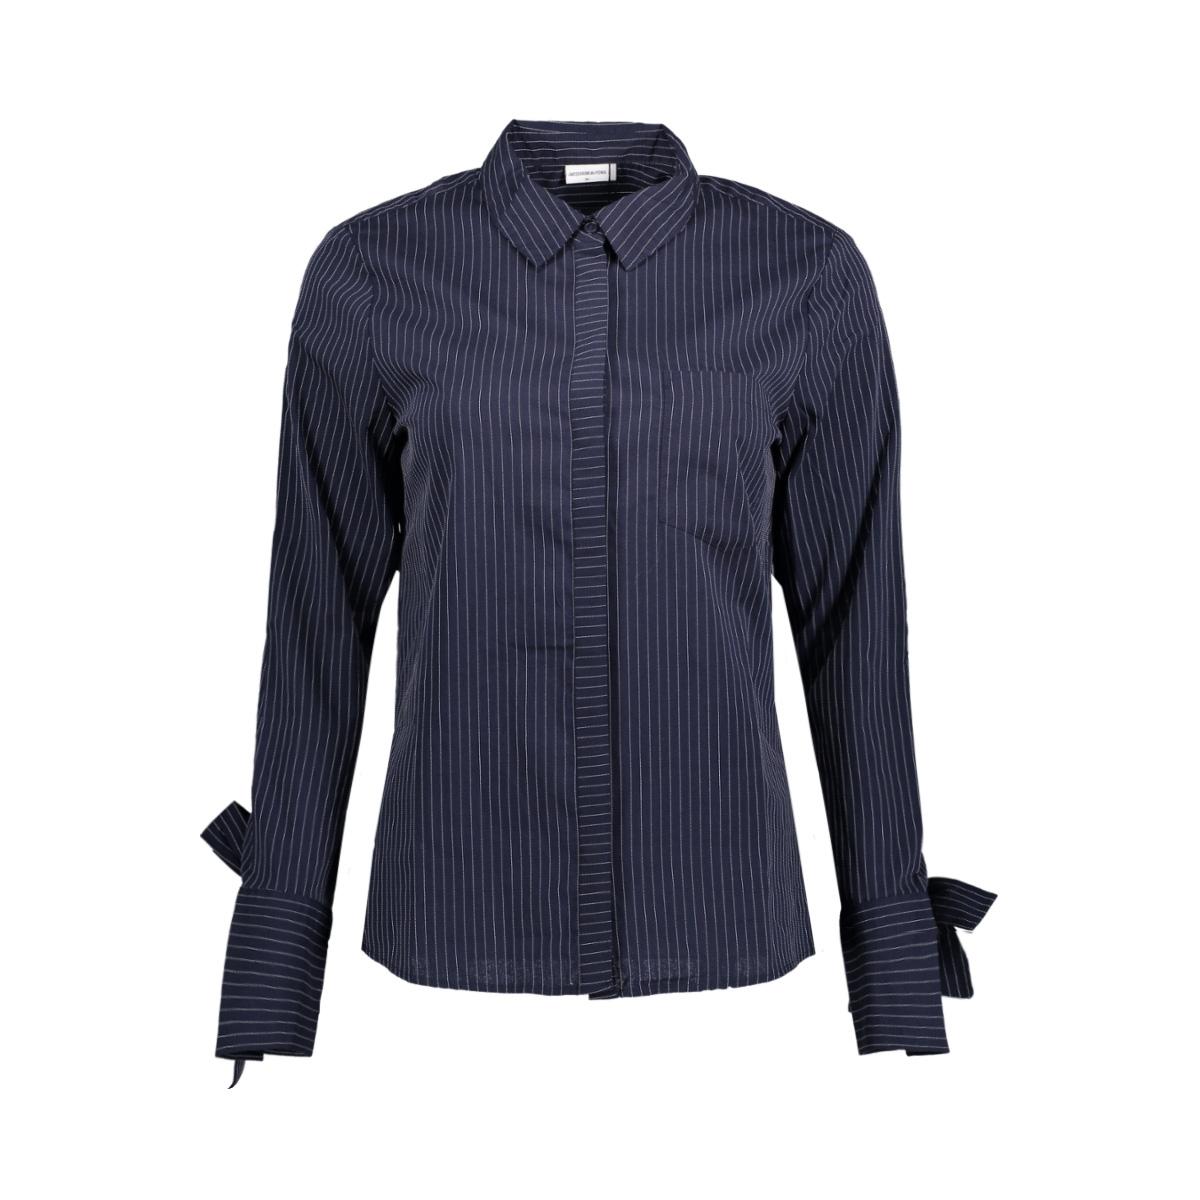 jdytaylor l/s tie shirt wvn 15151152 jacqueline de yong blouse sky captain